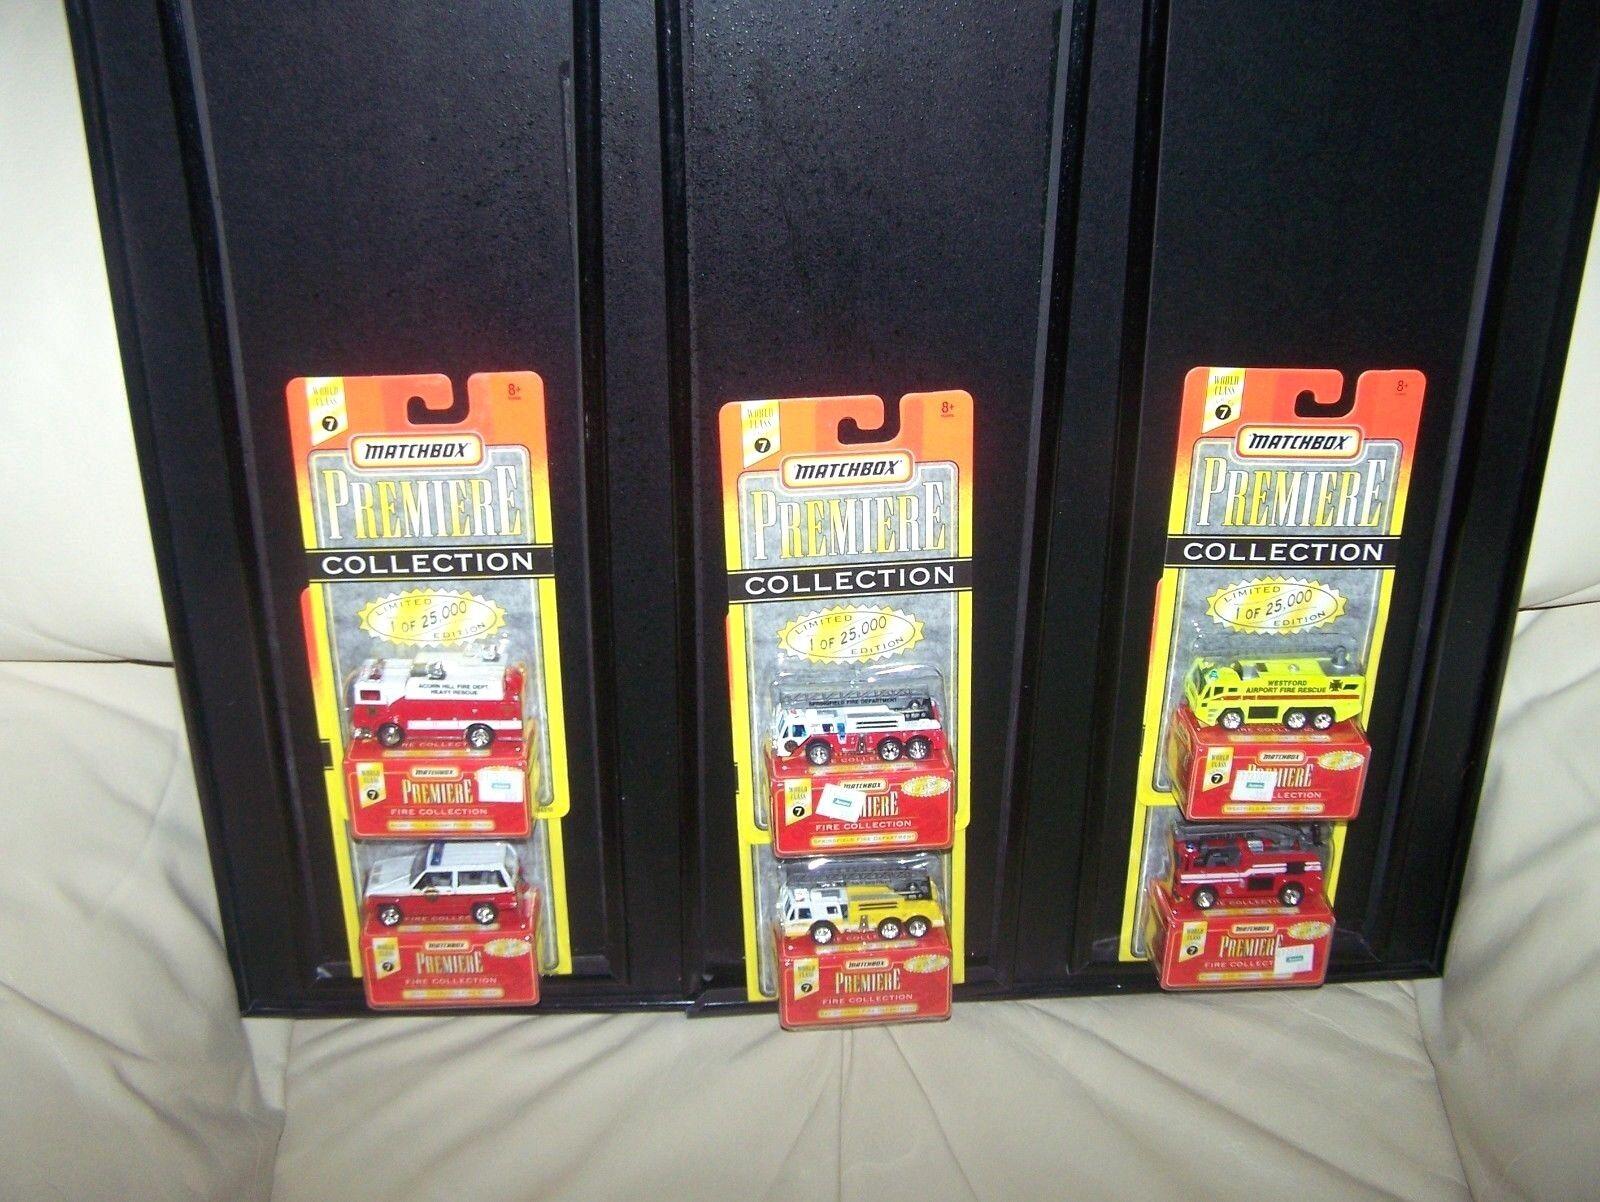 1996 - matchbox - premiere - sammlung - set - serie 7 - 1 der 25.000 - mib